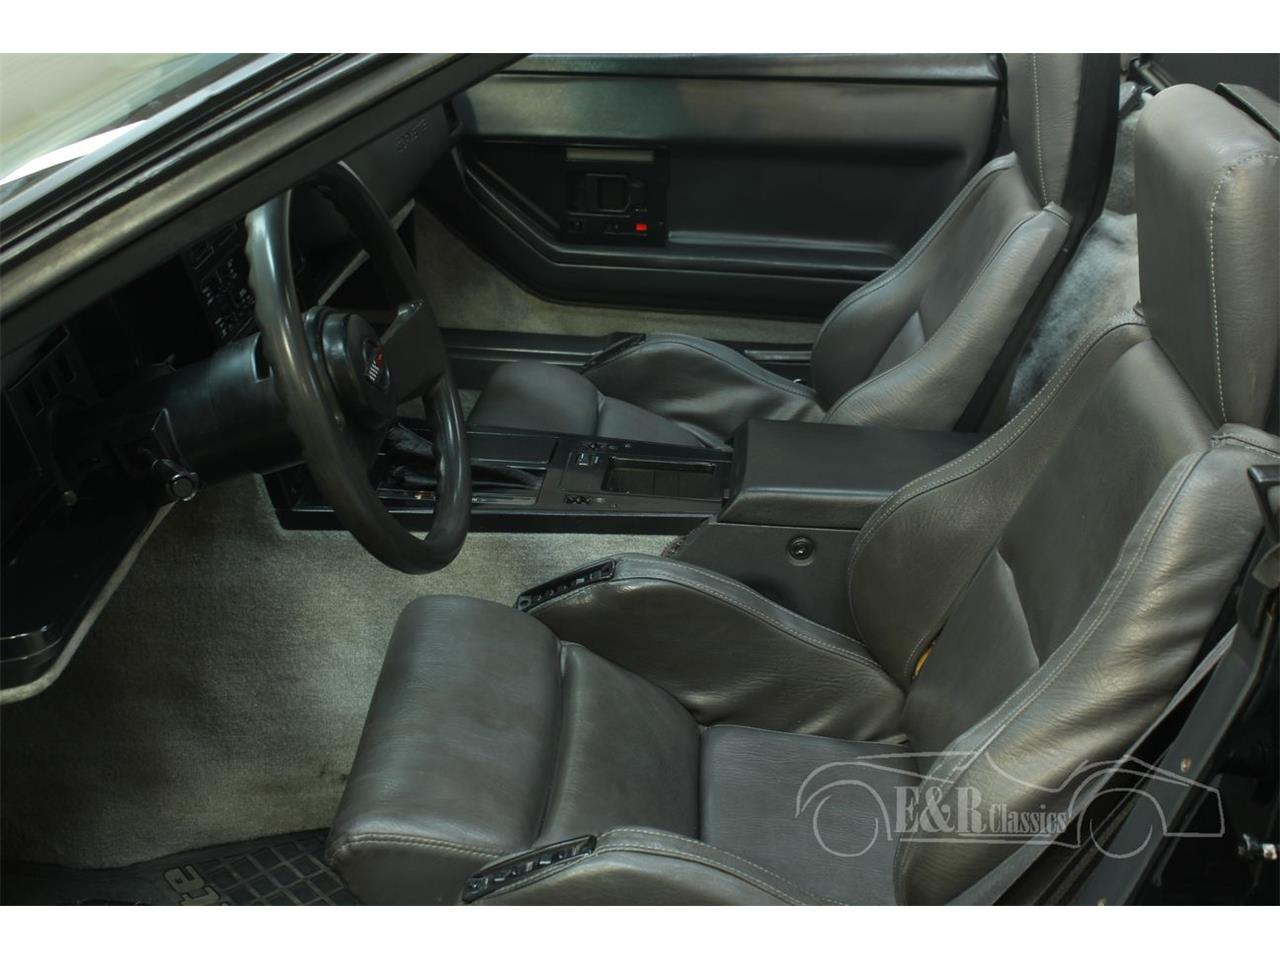 1986 Chevrolet Corvette C4 (CC-1263161) for sale in Waalwijk, noord brabant